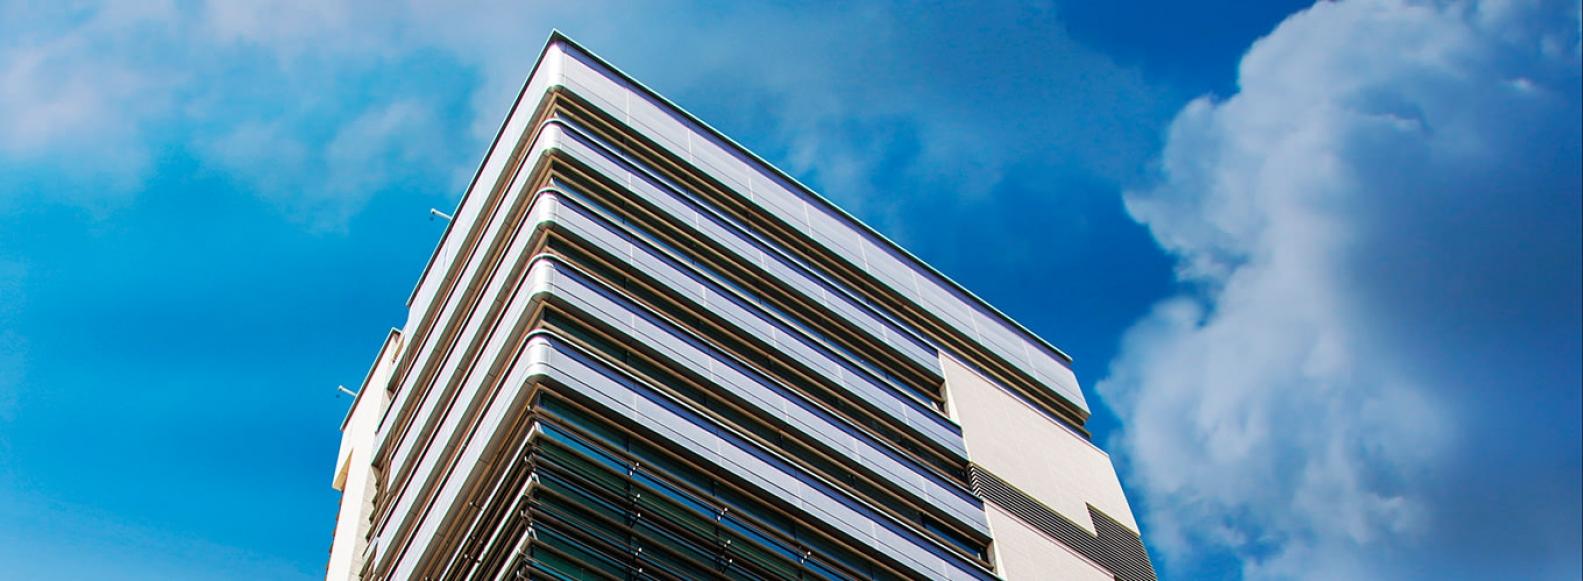 ALVAND BUILDING